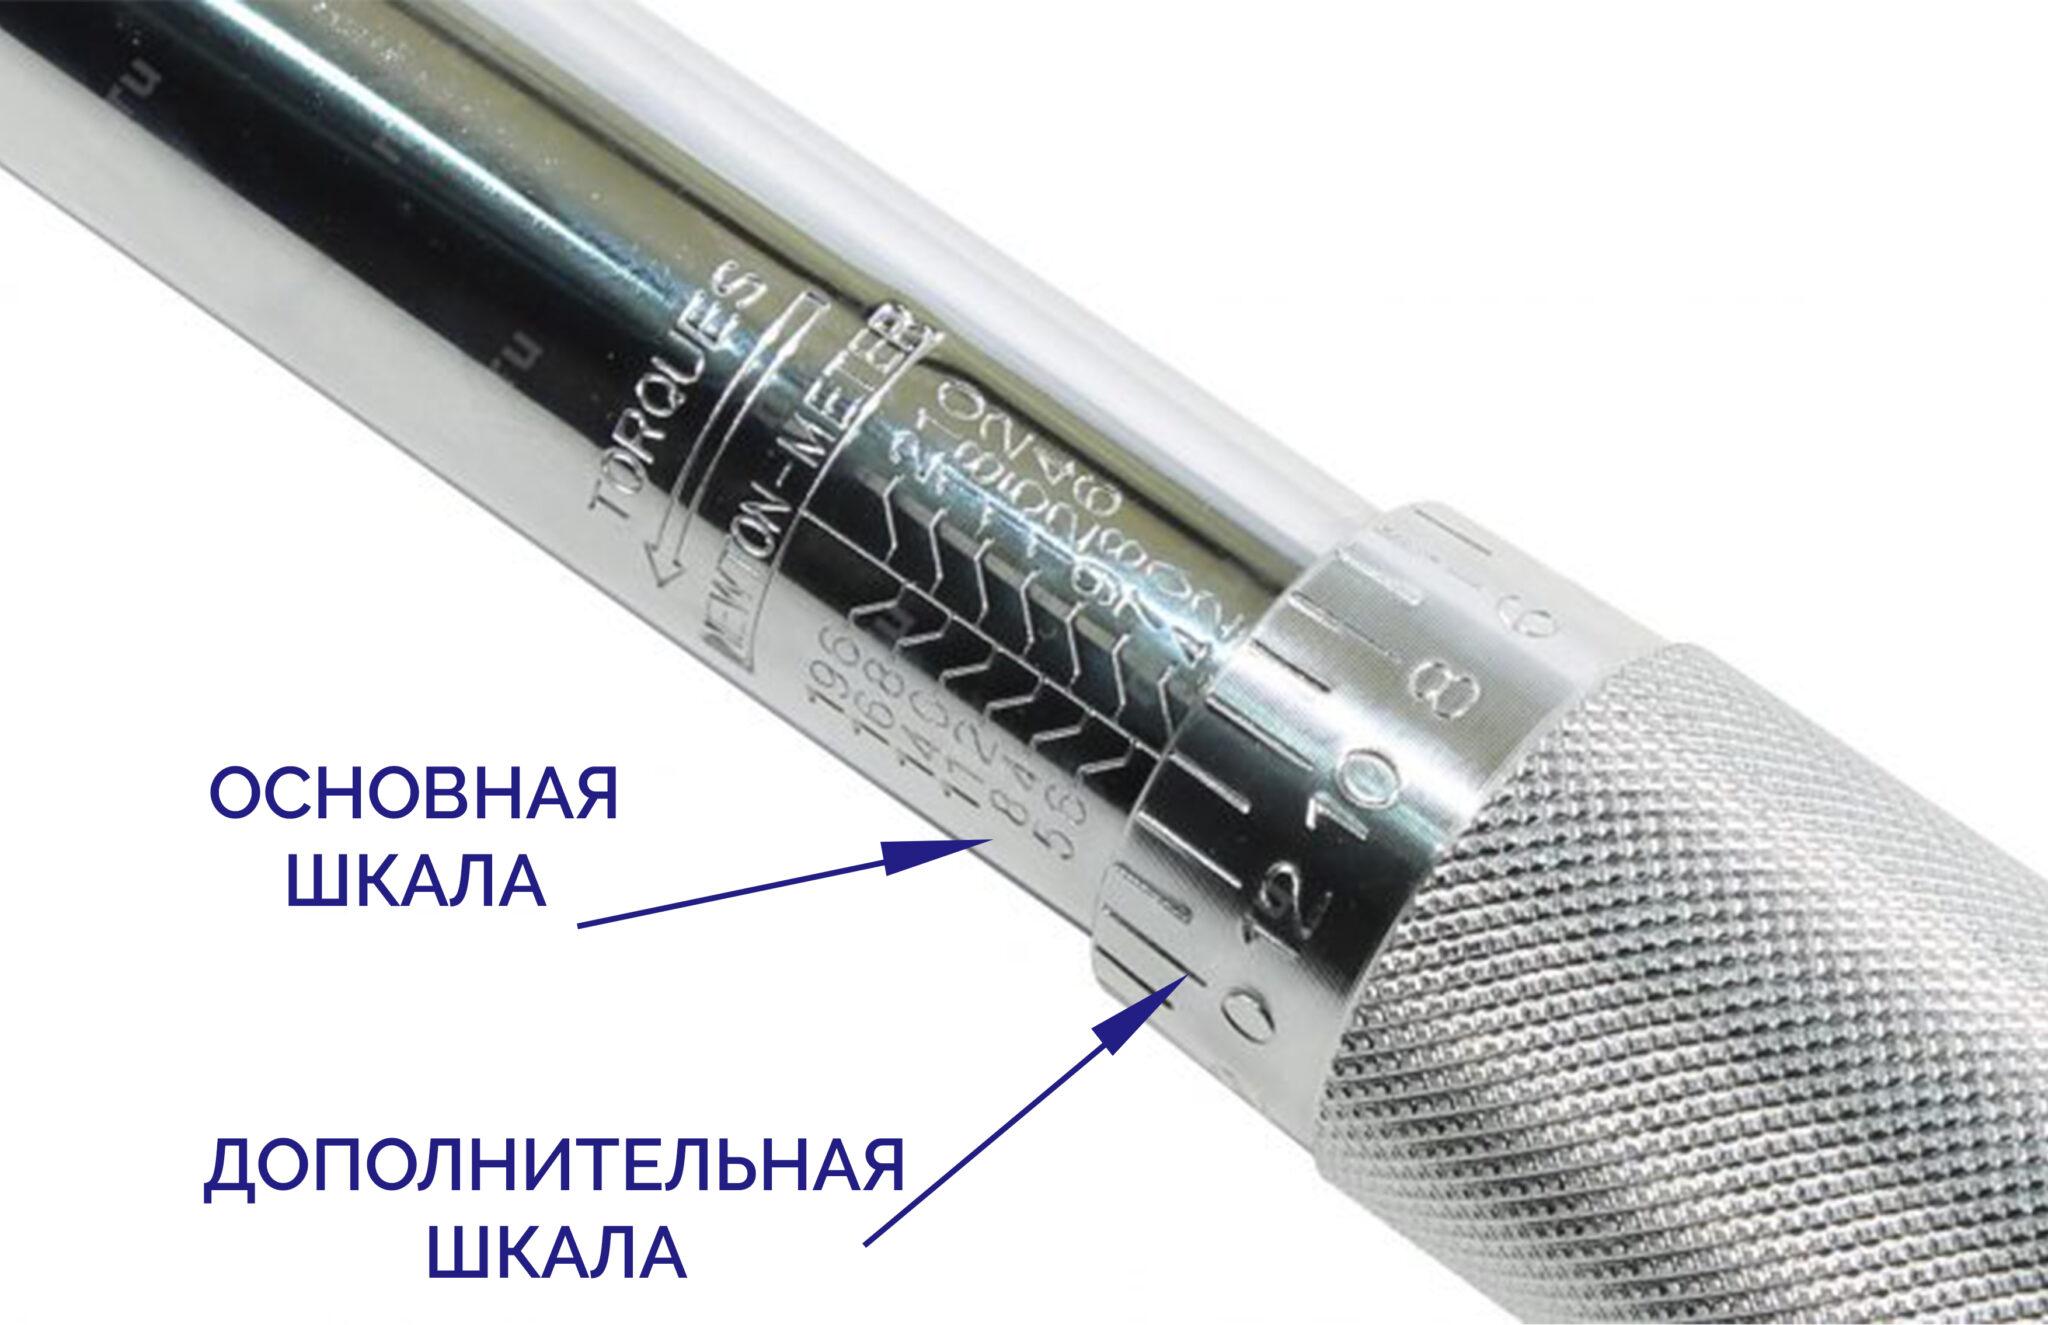 Как использовать динамометрический ключ